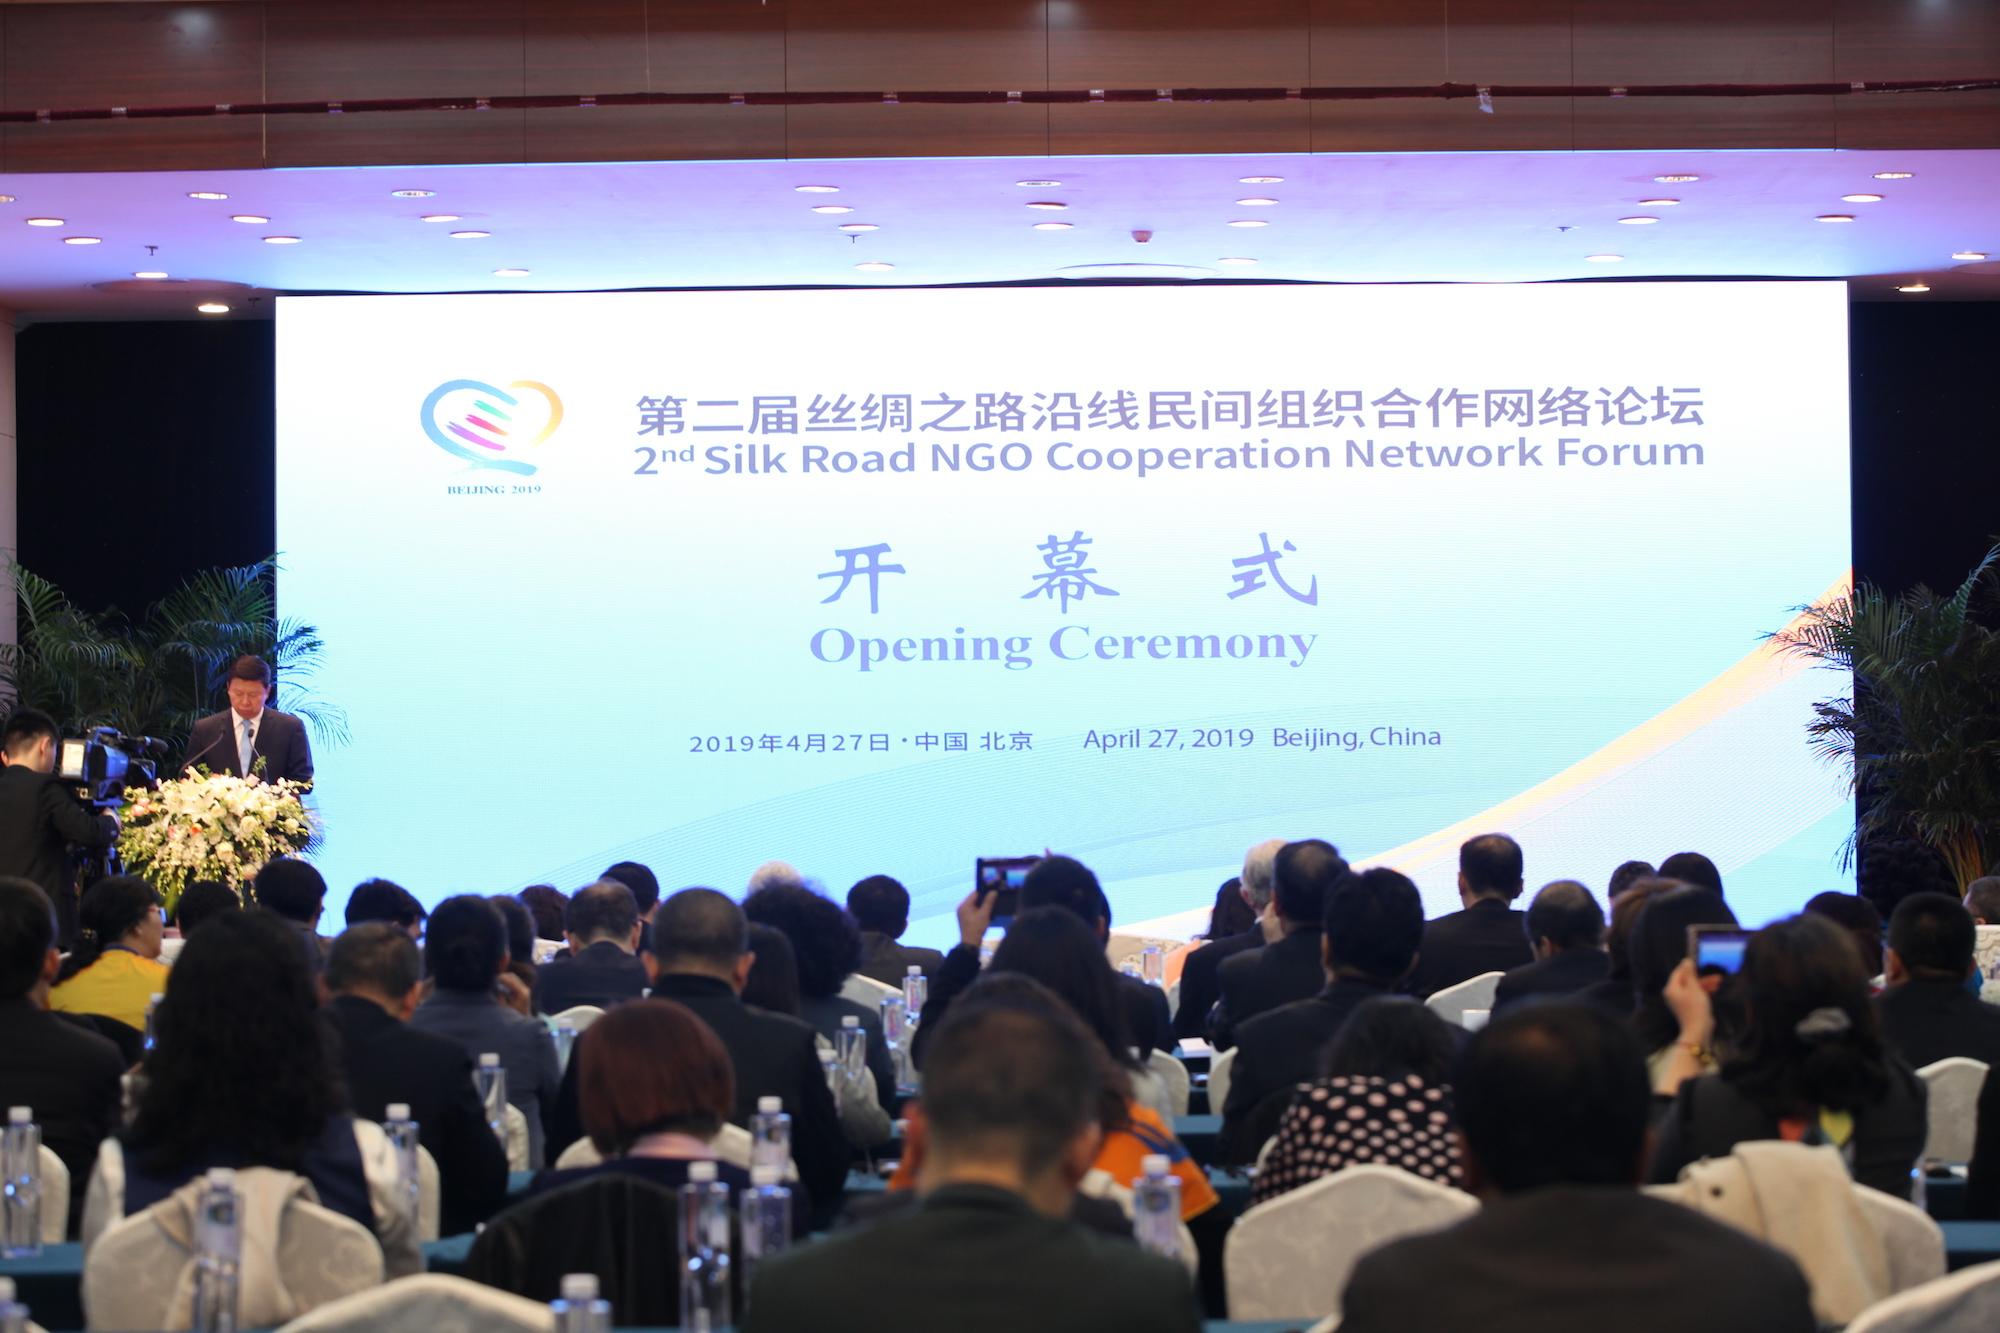 第二届丝绸之路沿线民间组织合作网络论坛